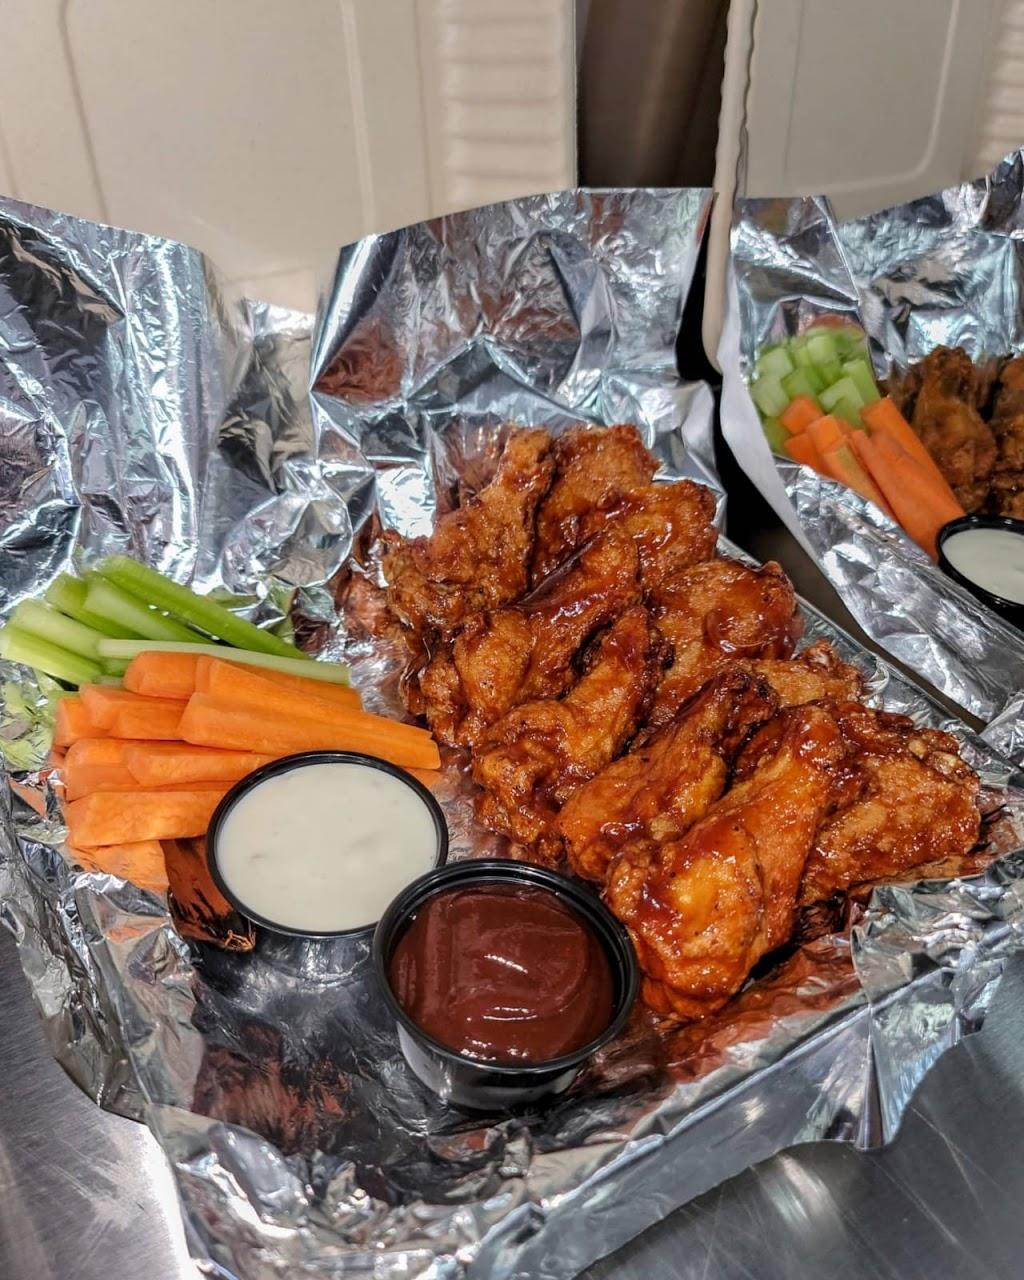 Wild Miami   restaurant   Westland Gateway, Hialeah, FL 33012, USA   7862470856 OR +1 786-247-0856